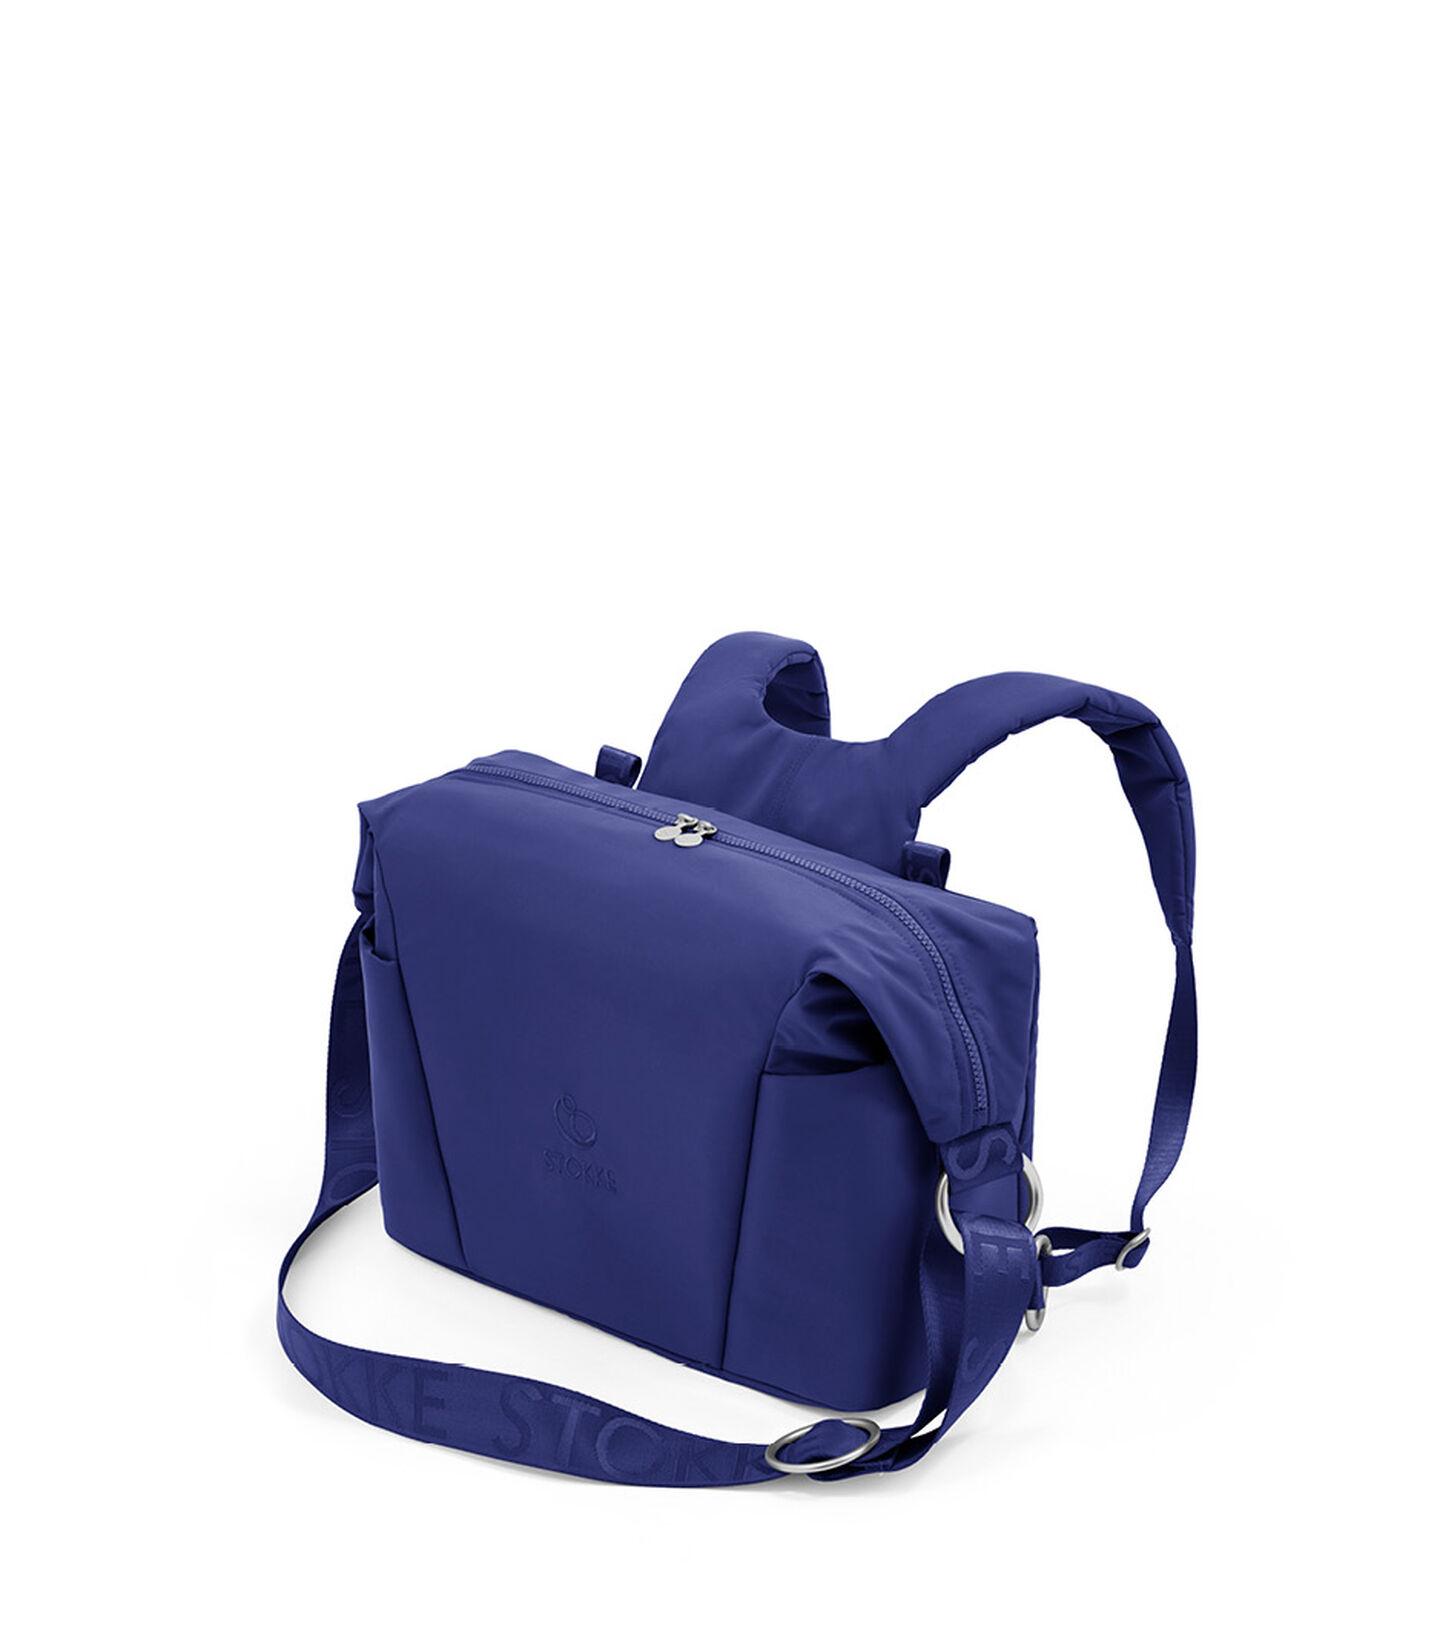 Sac à langer Stokke® Xplory® X Bleu Royal, Bleu Royal, mainview view 1